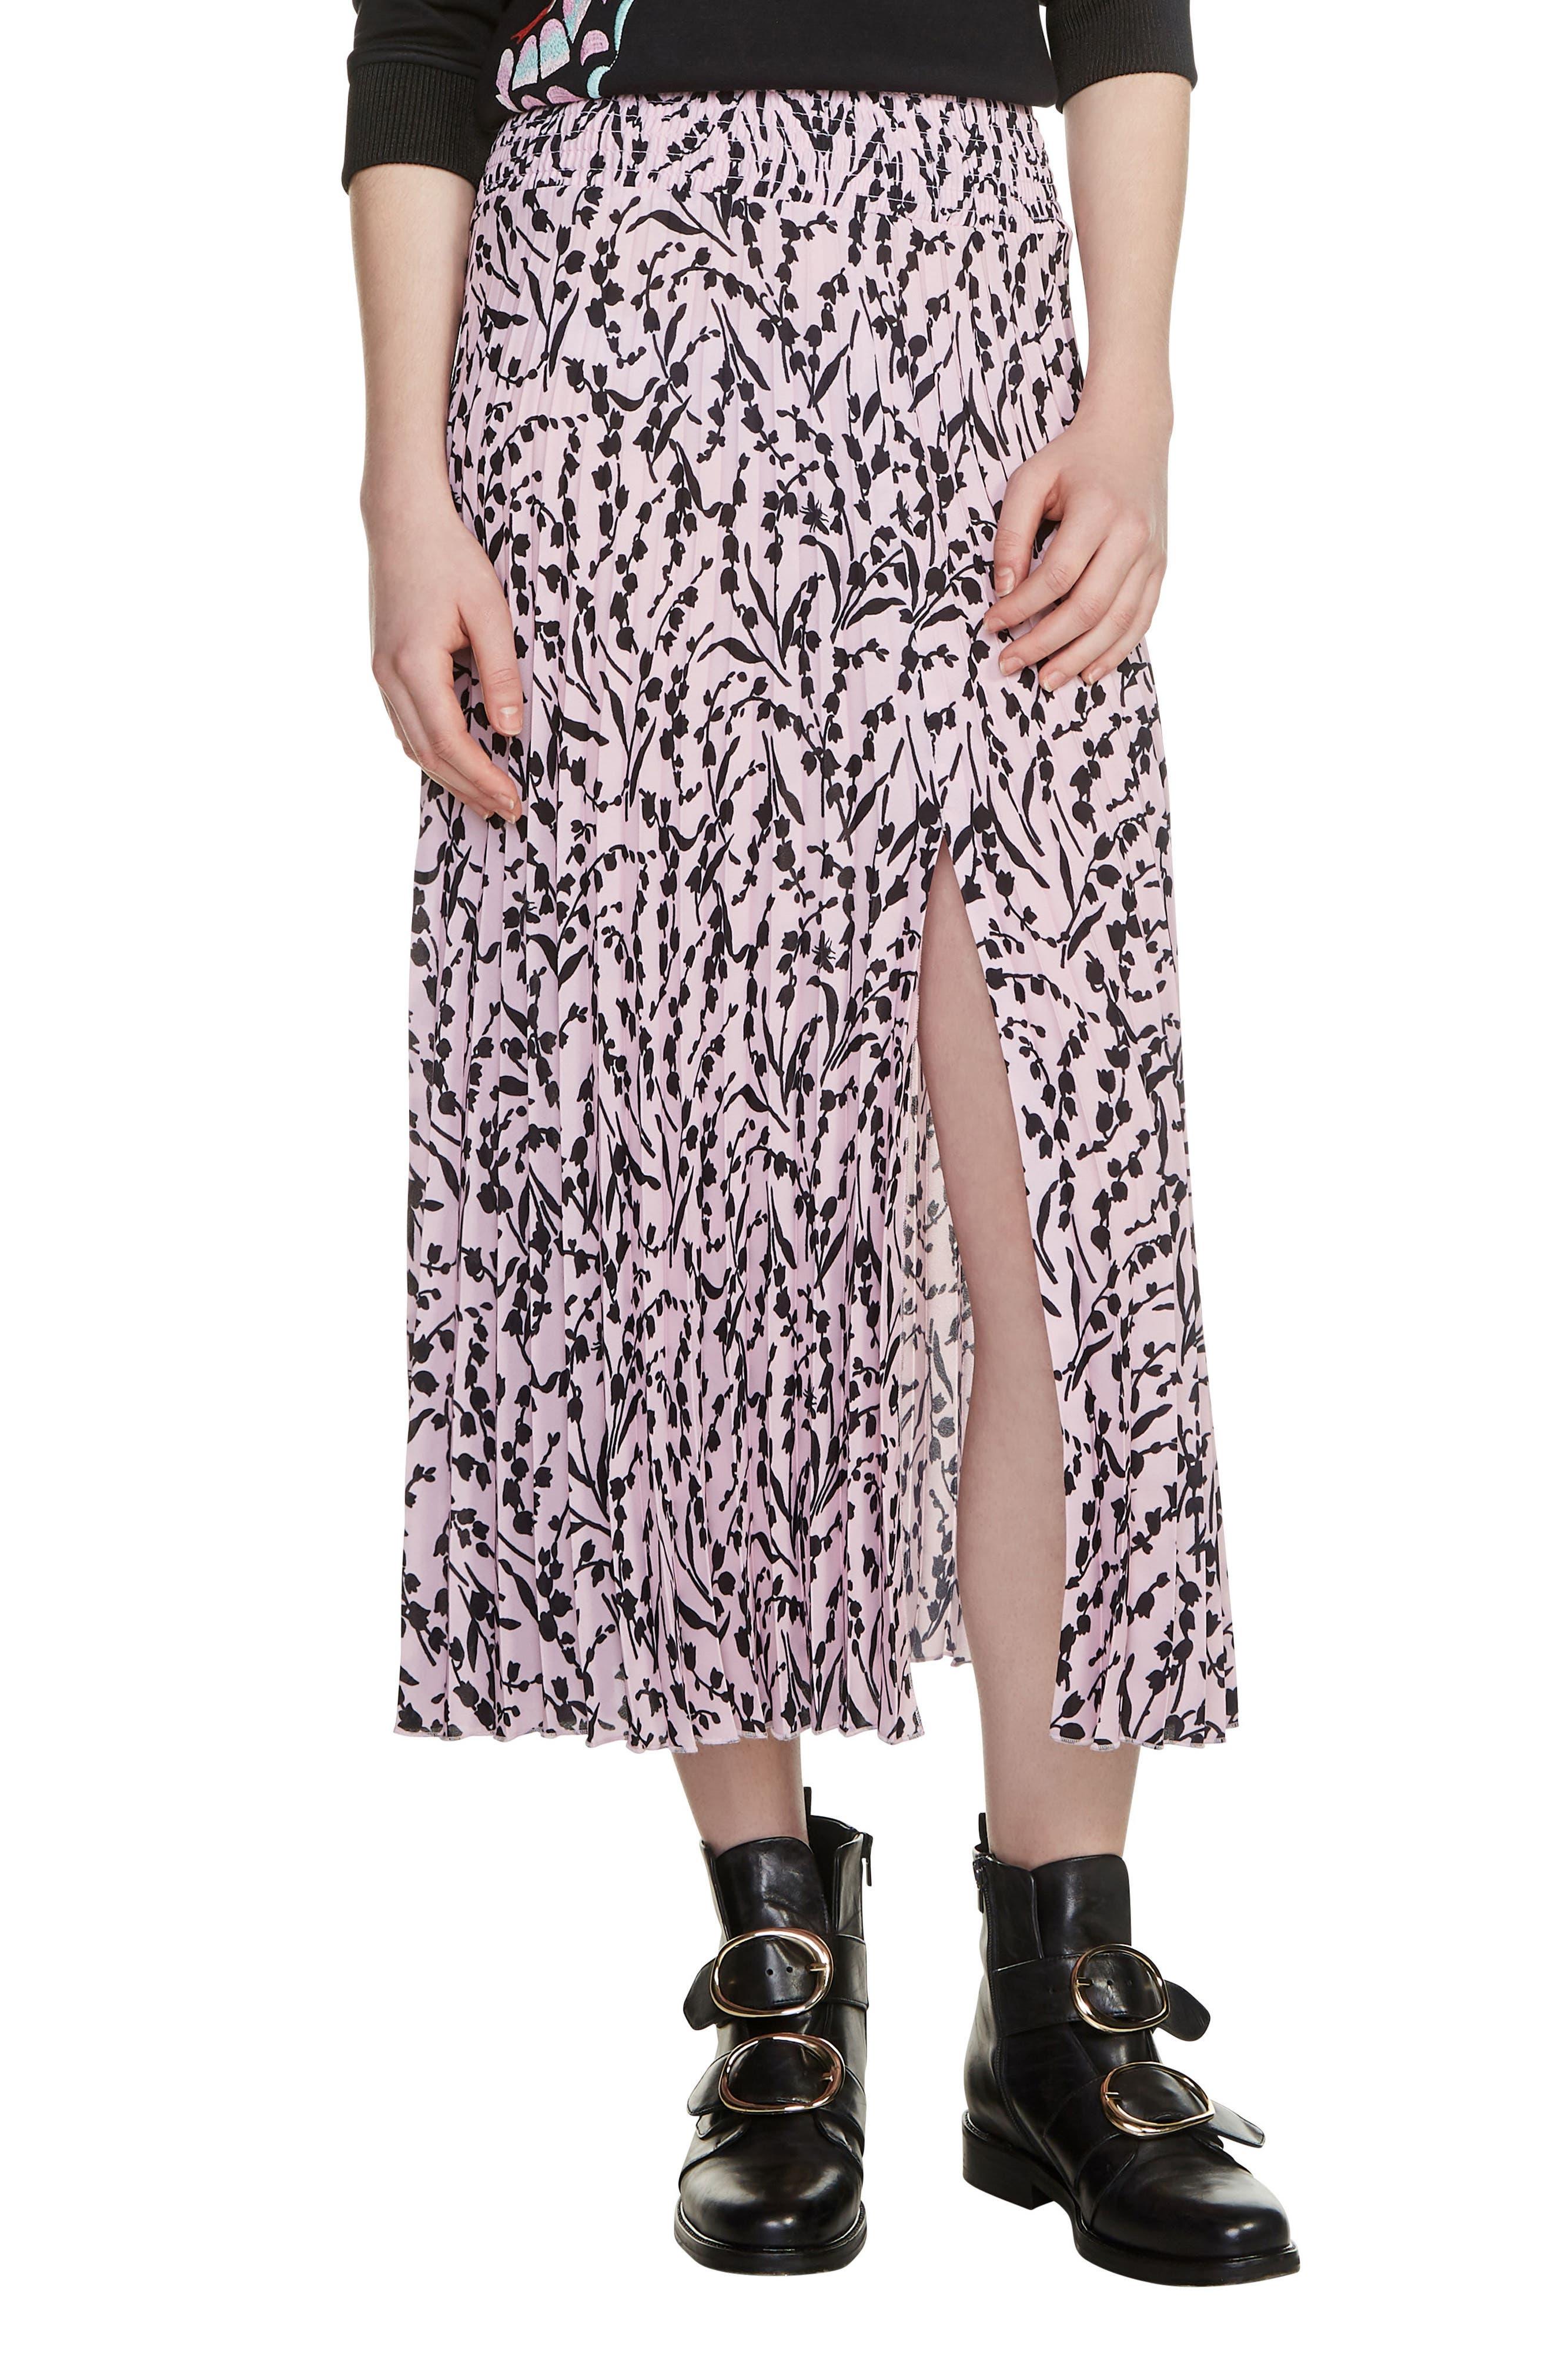 Javina Pleated Midi Skirt,                         Main,                         color, Printed